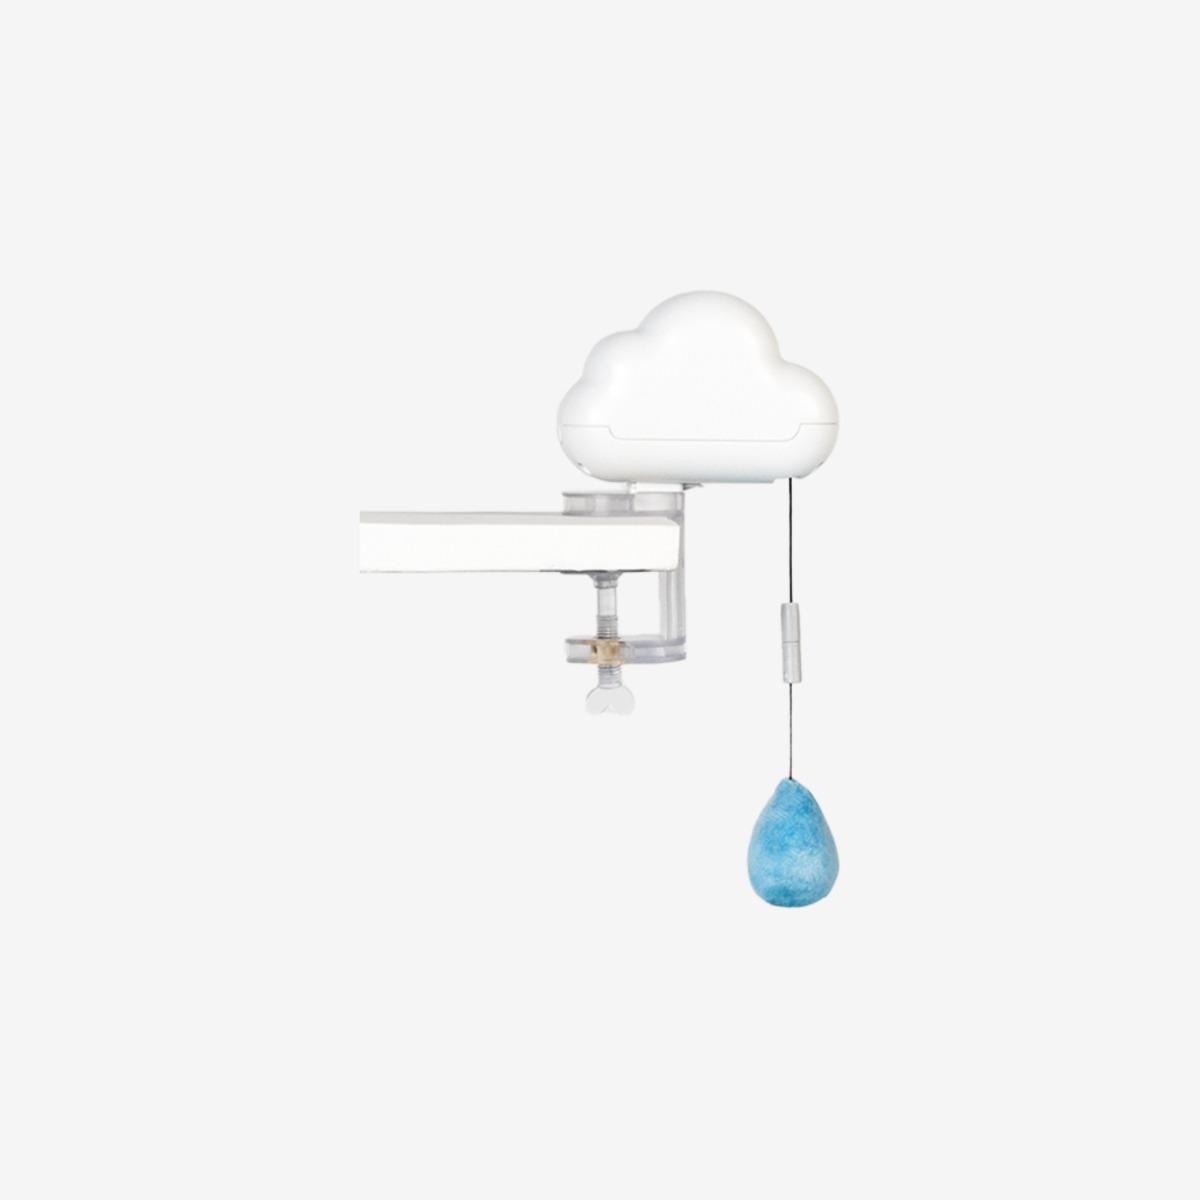 고양이 오토토이 - 구름과 물방울